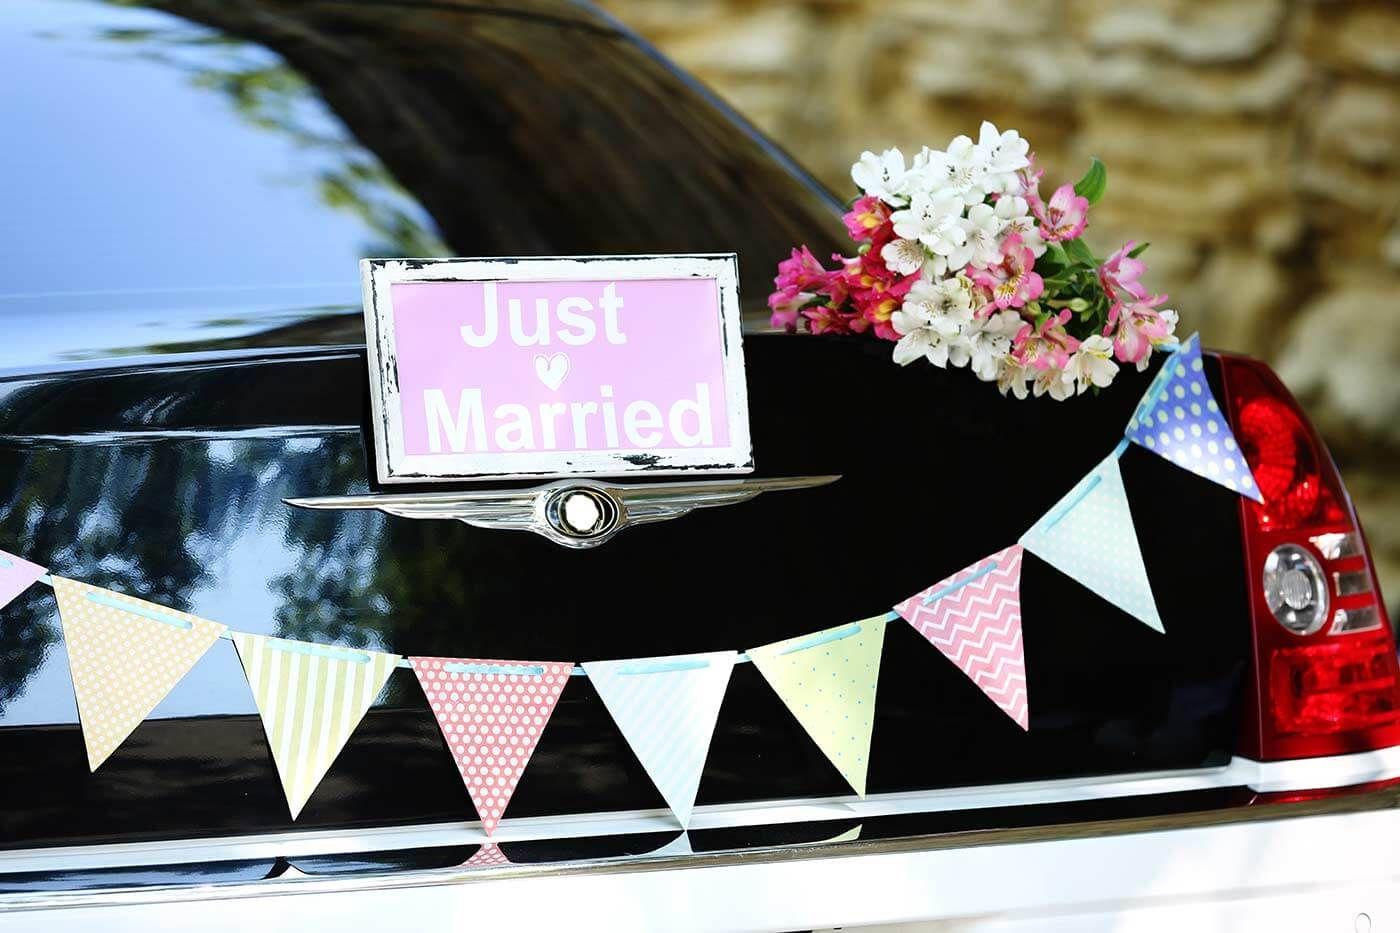 Deko Hochzeitsauto Bildergalerie Mit Inspirationen Anregungen Autoschmuck Hochzeit Hochzeit Auto Namensanderung Hochzeit